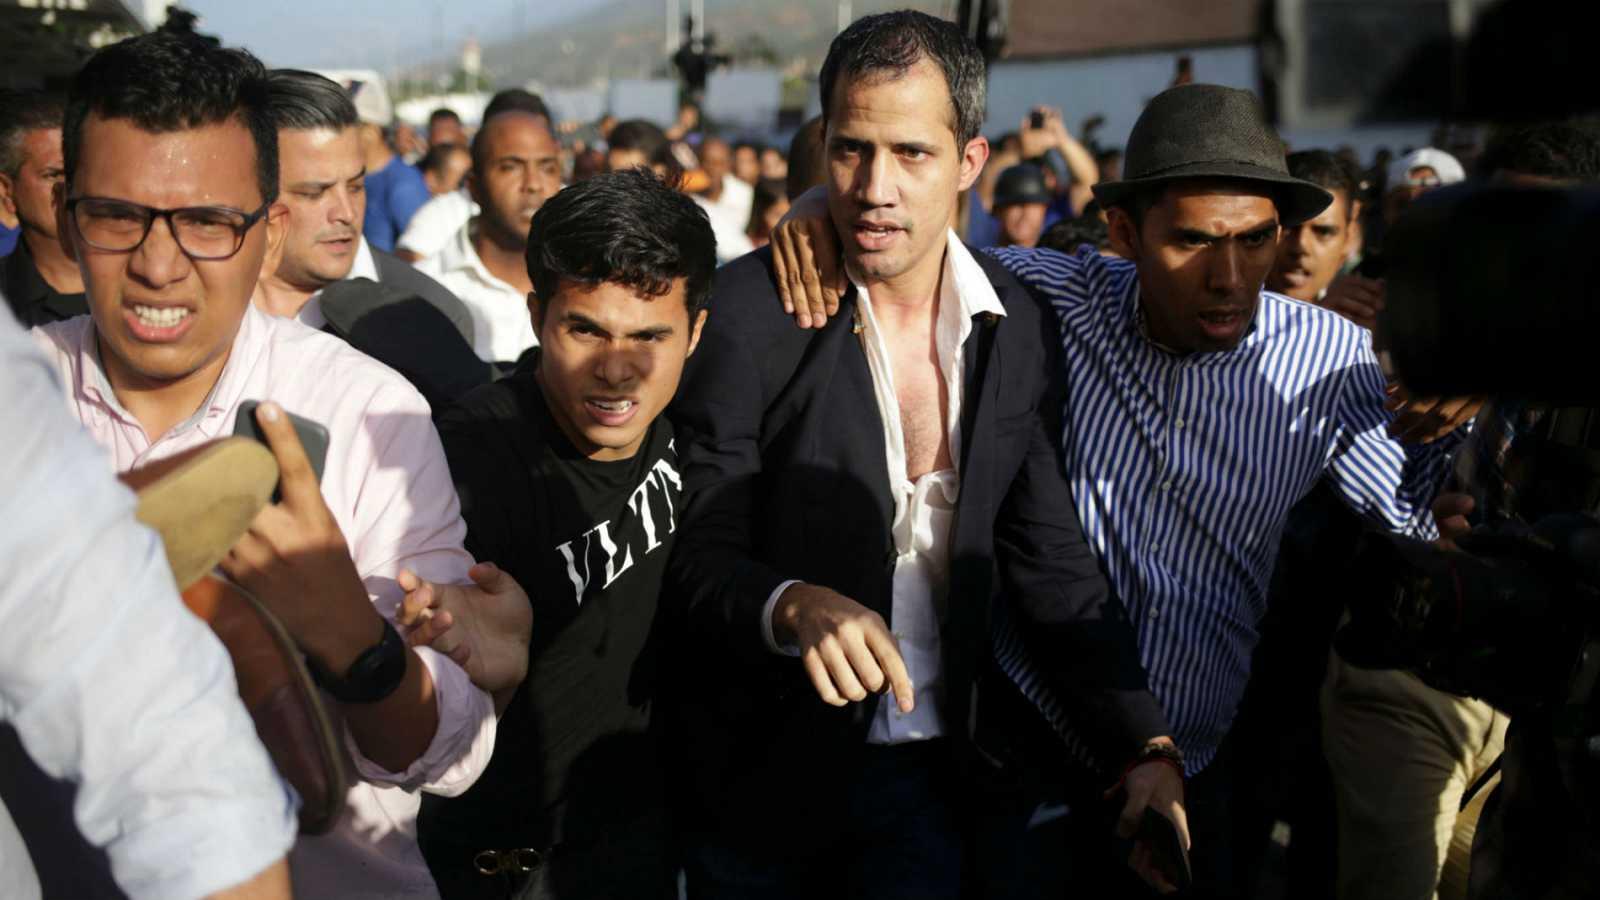 """Así se las gasta el dictador Maduro: paliza al presidente encargado Guaidó a su regreso a Venezuela mientras Pedro Sánchez le apea el presidente para dejarlo en jefe de la """"oposición"""""""